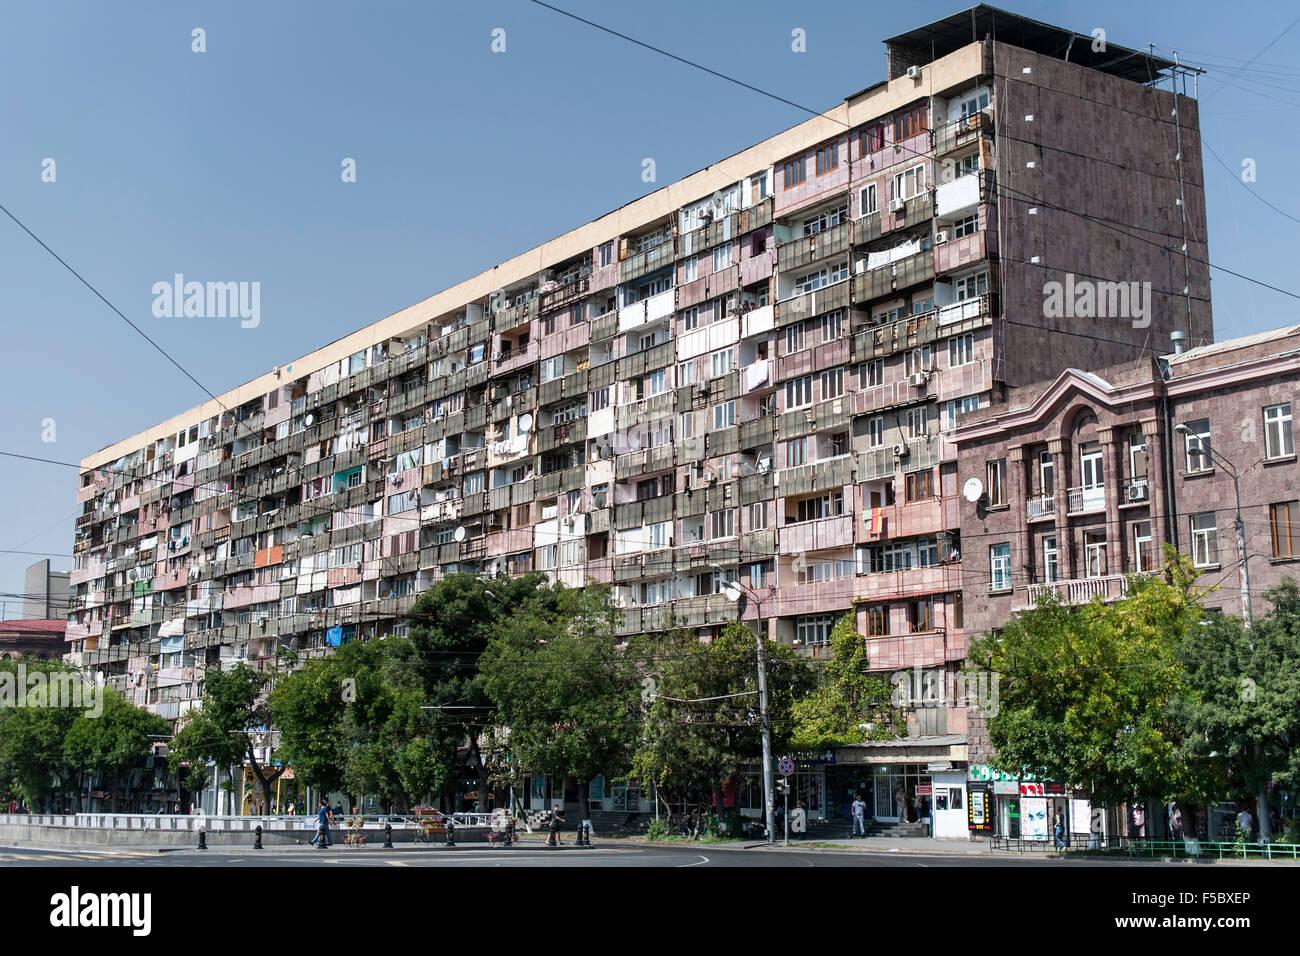 Mehrfamilienhaus In Der Armenischen Hauptstadt Eriwan Stockfotografie Alamy